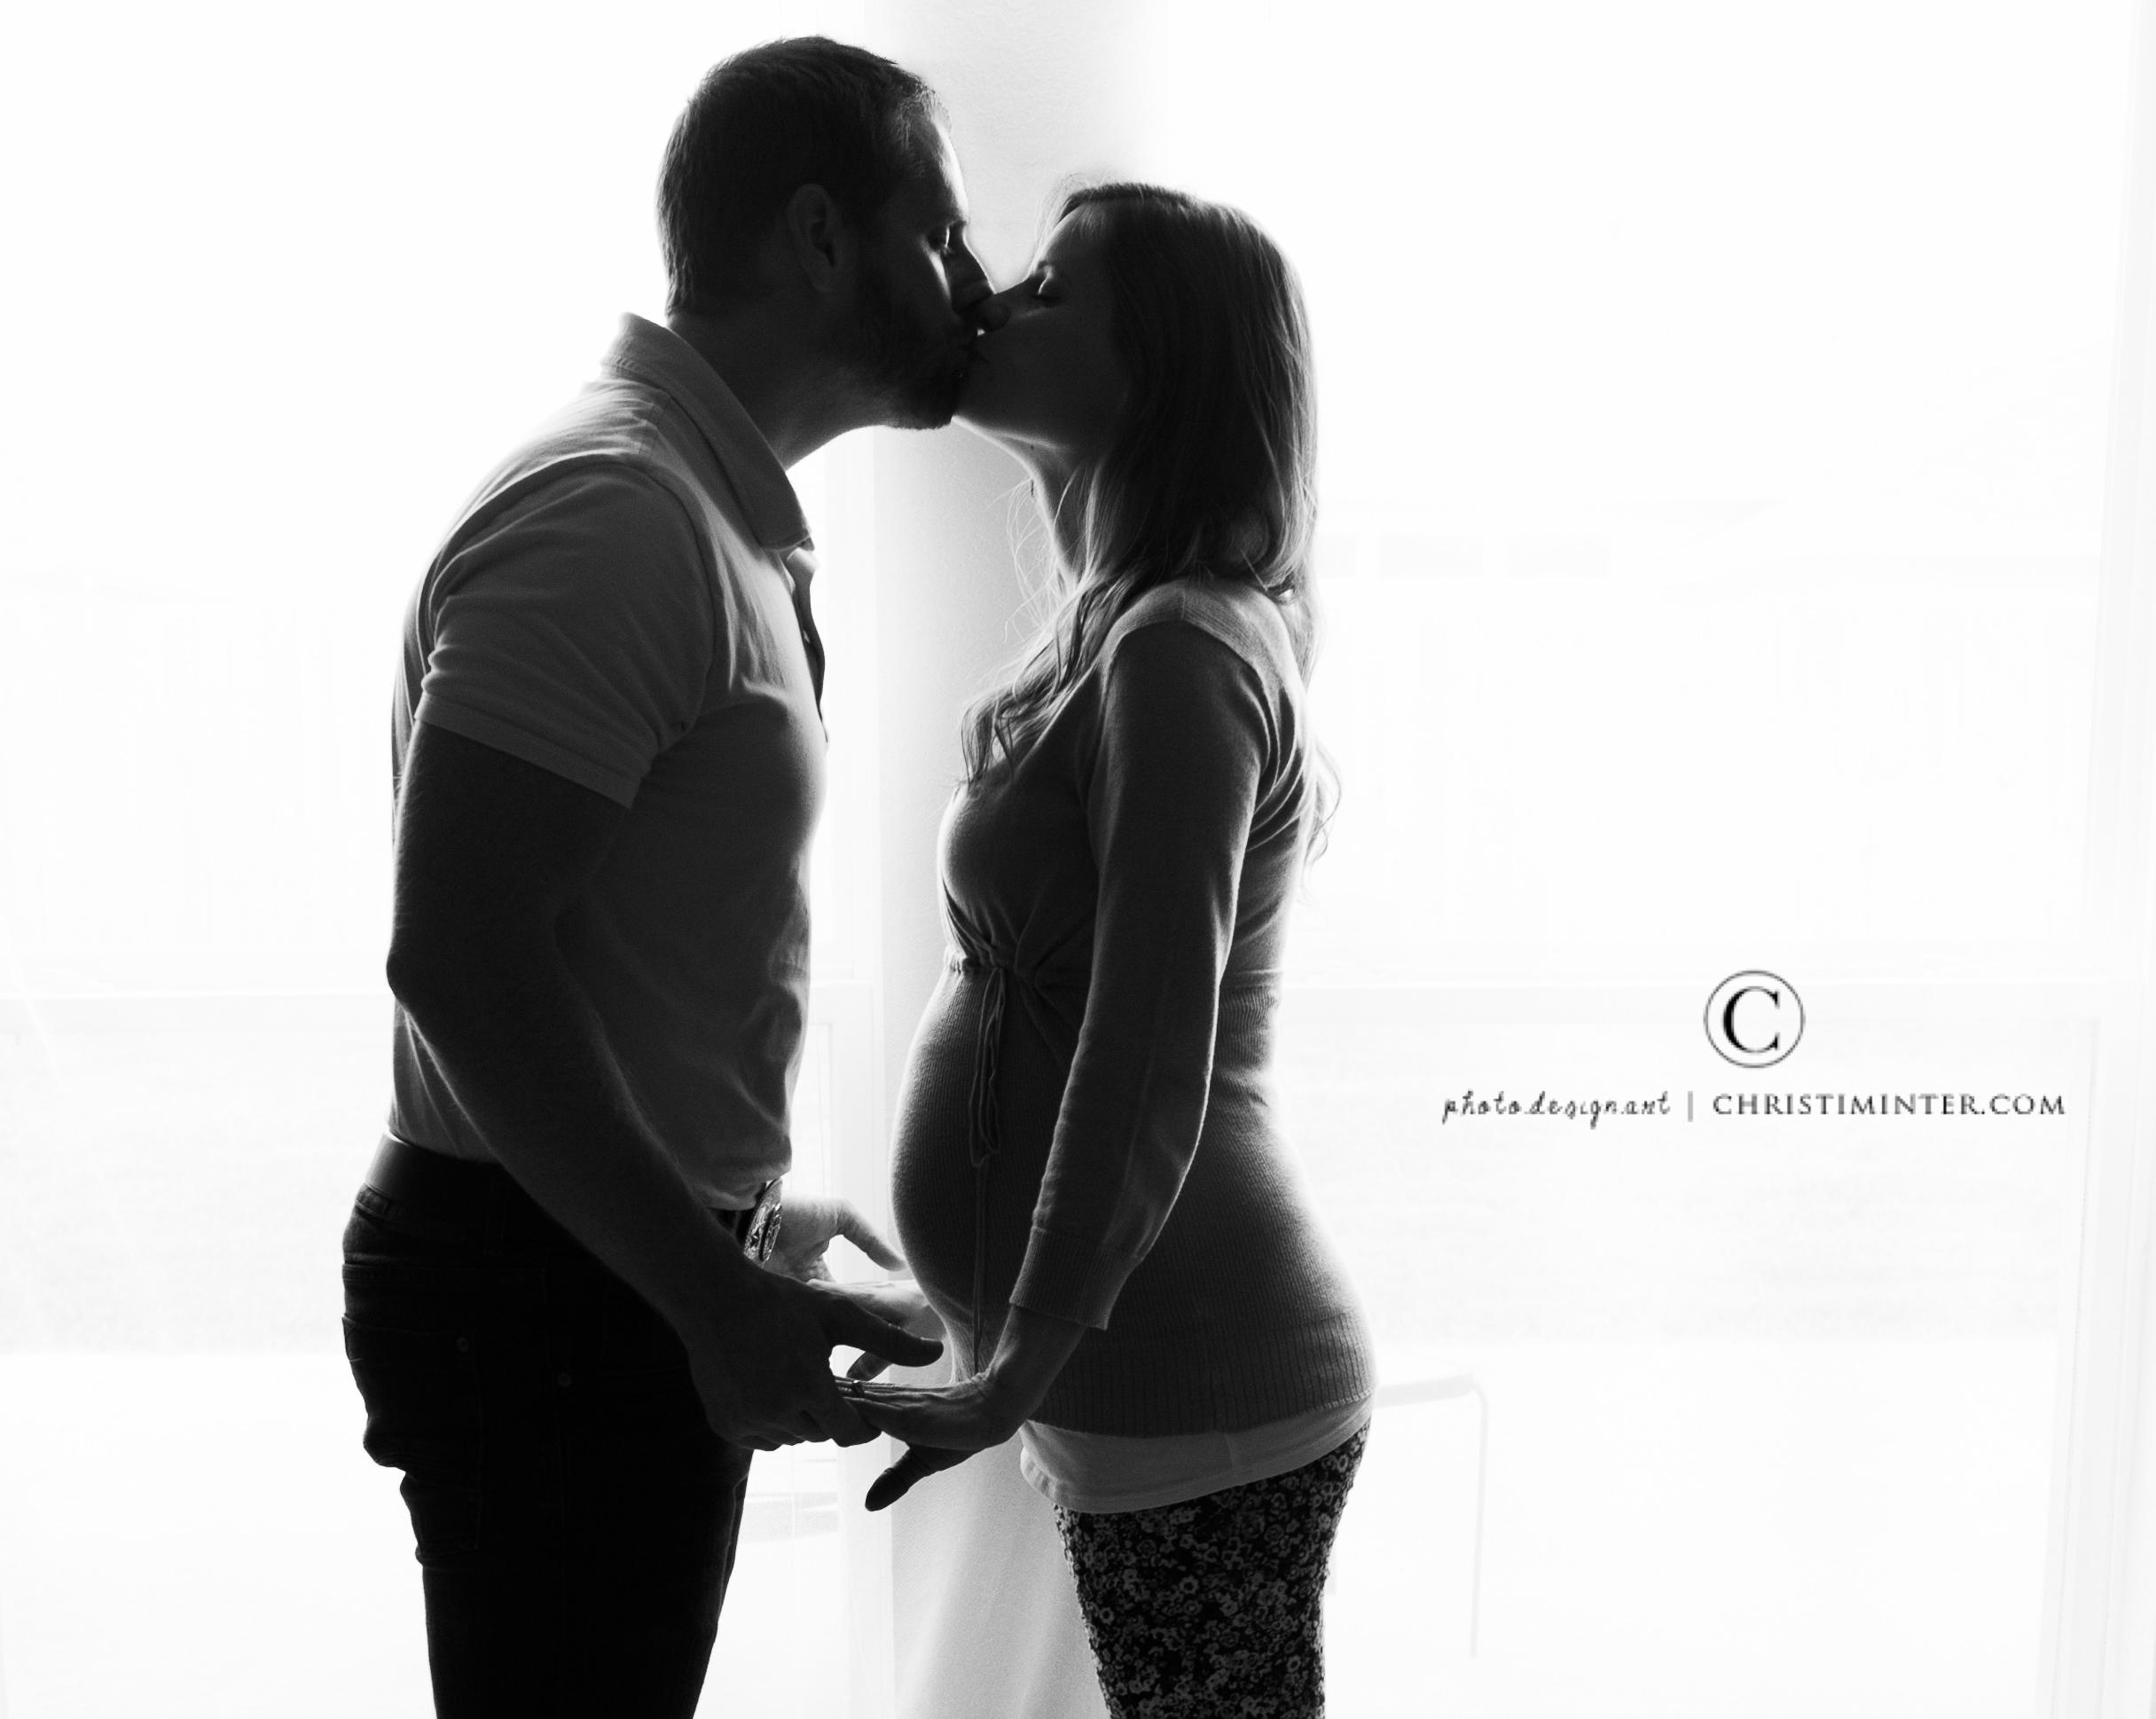 DSC_9690+christi+minter+photography+design+art.jpg